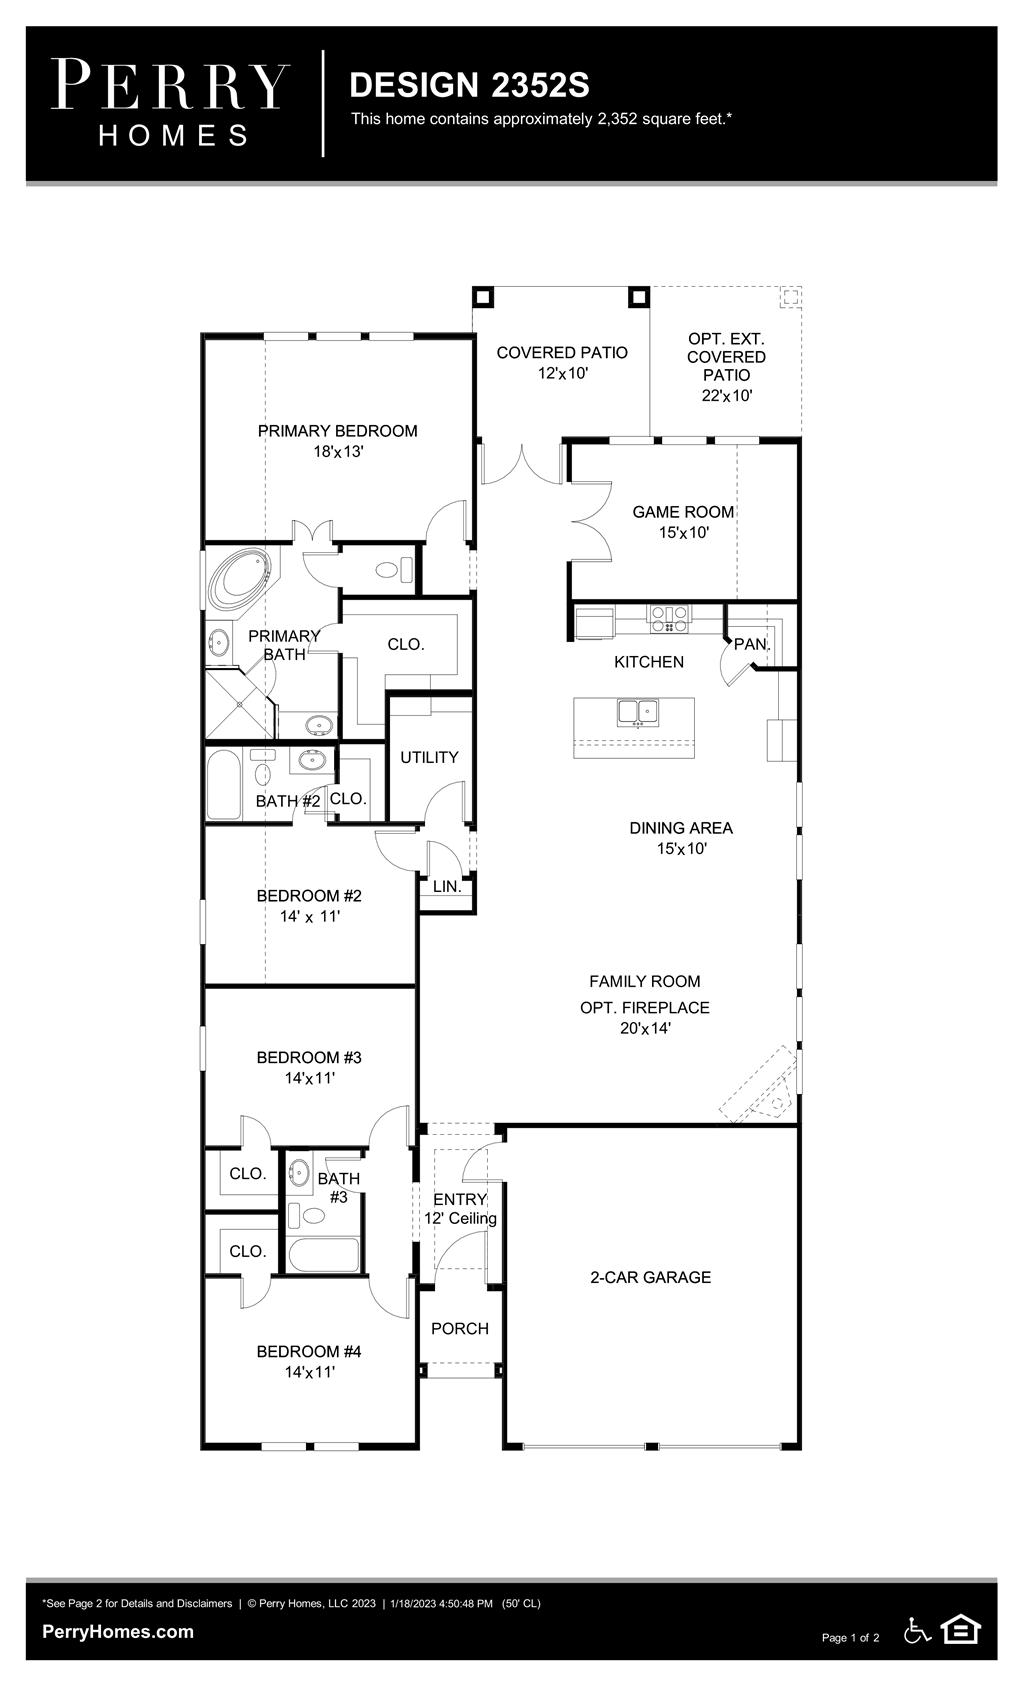 Floor Plan for 2352S